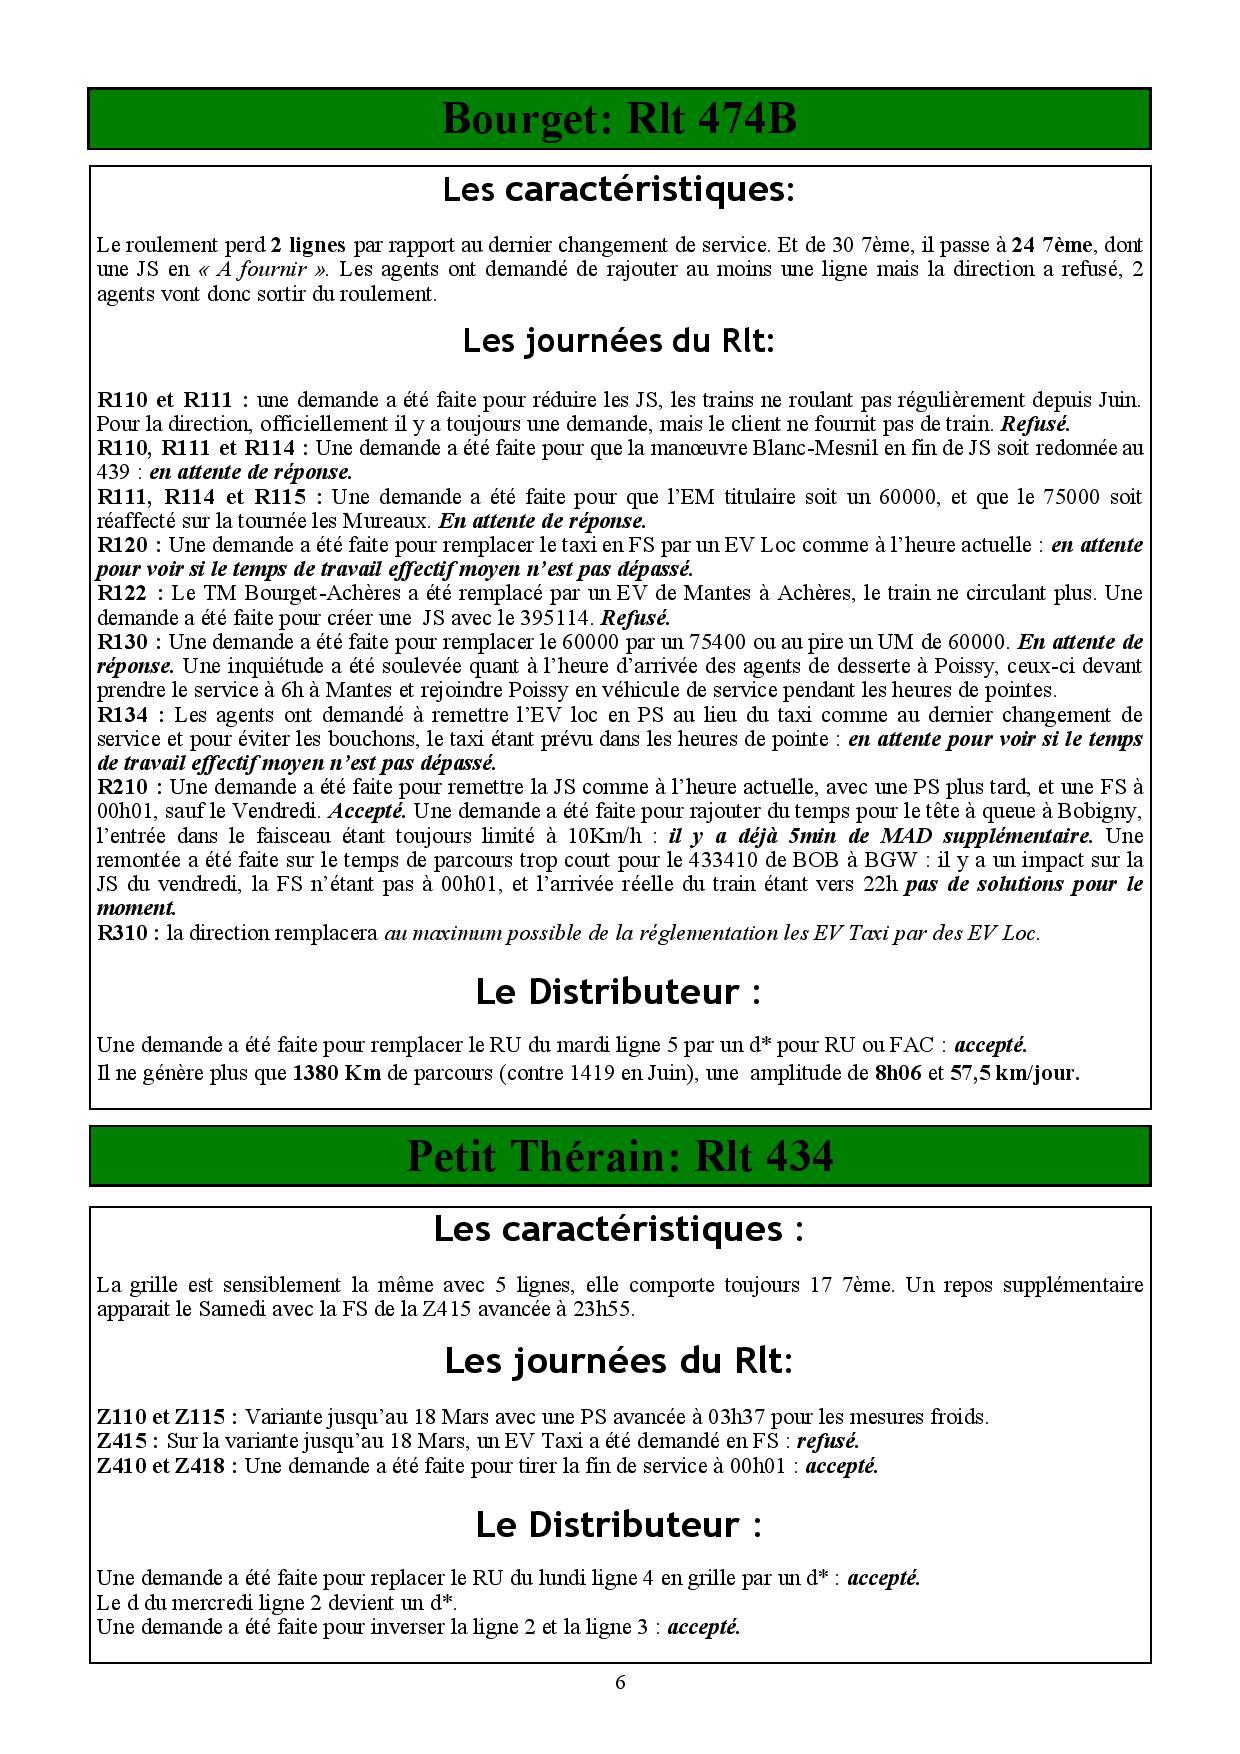 fret-cr-rlt-nov-2016-page-006